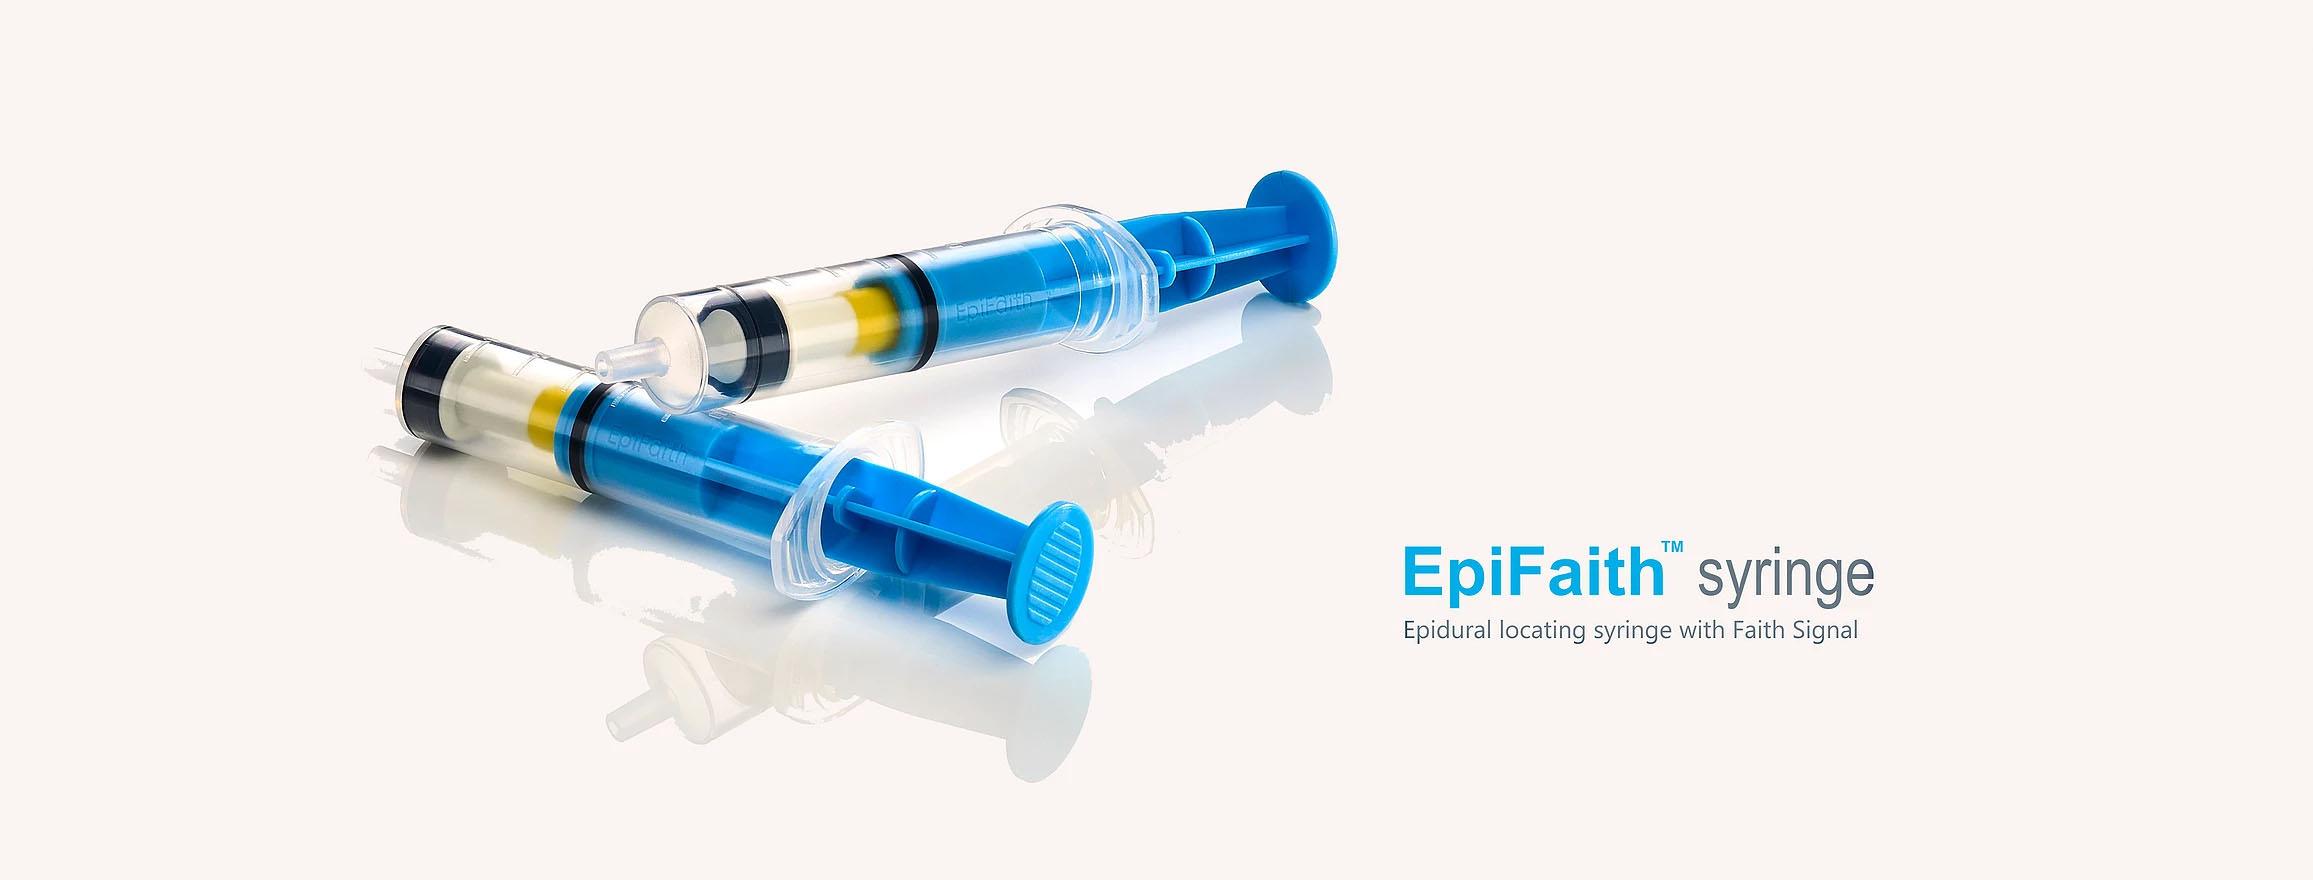 醫盟科技 – 從學生到創業 開發定位針筒 以國外市場為目標